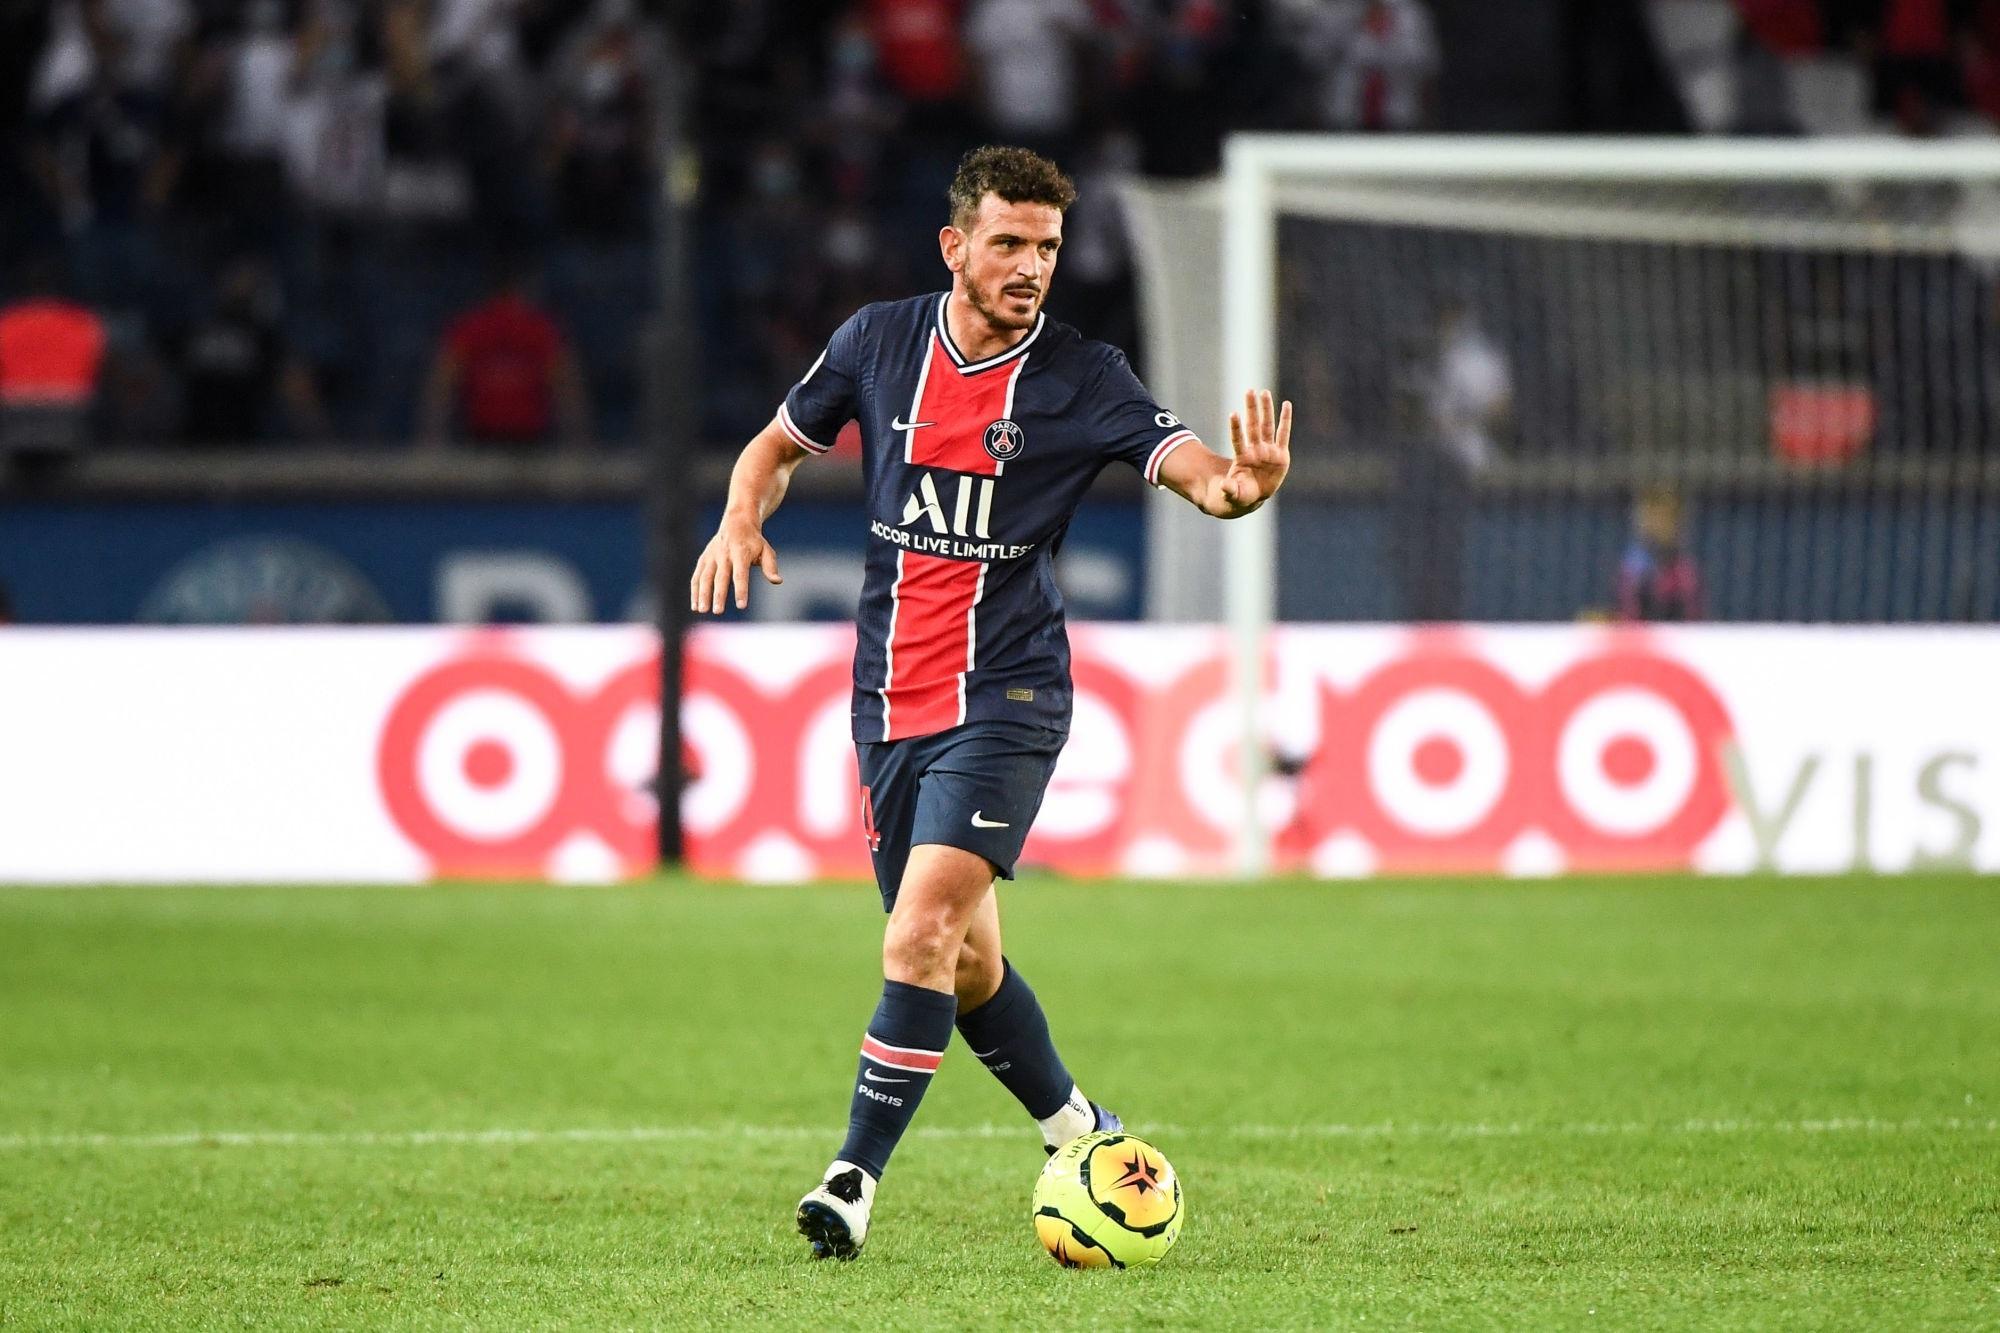 Mercato - Le PSG doute pour l'option d'achat de Florenzi, selon Il Romanista